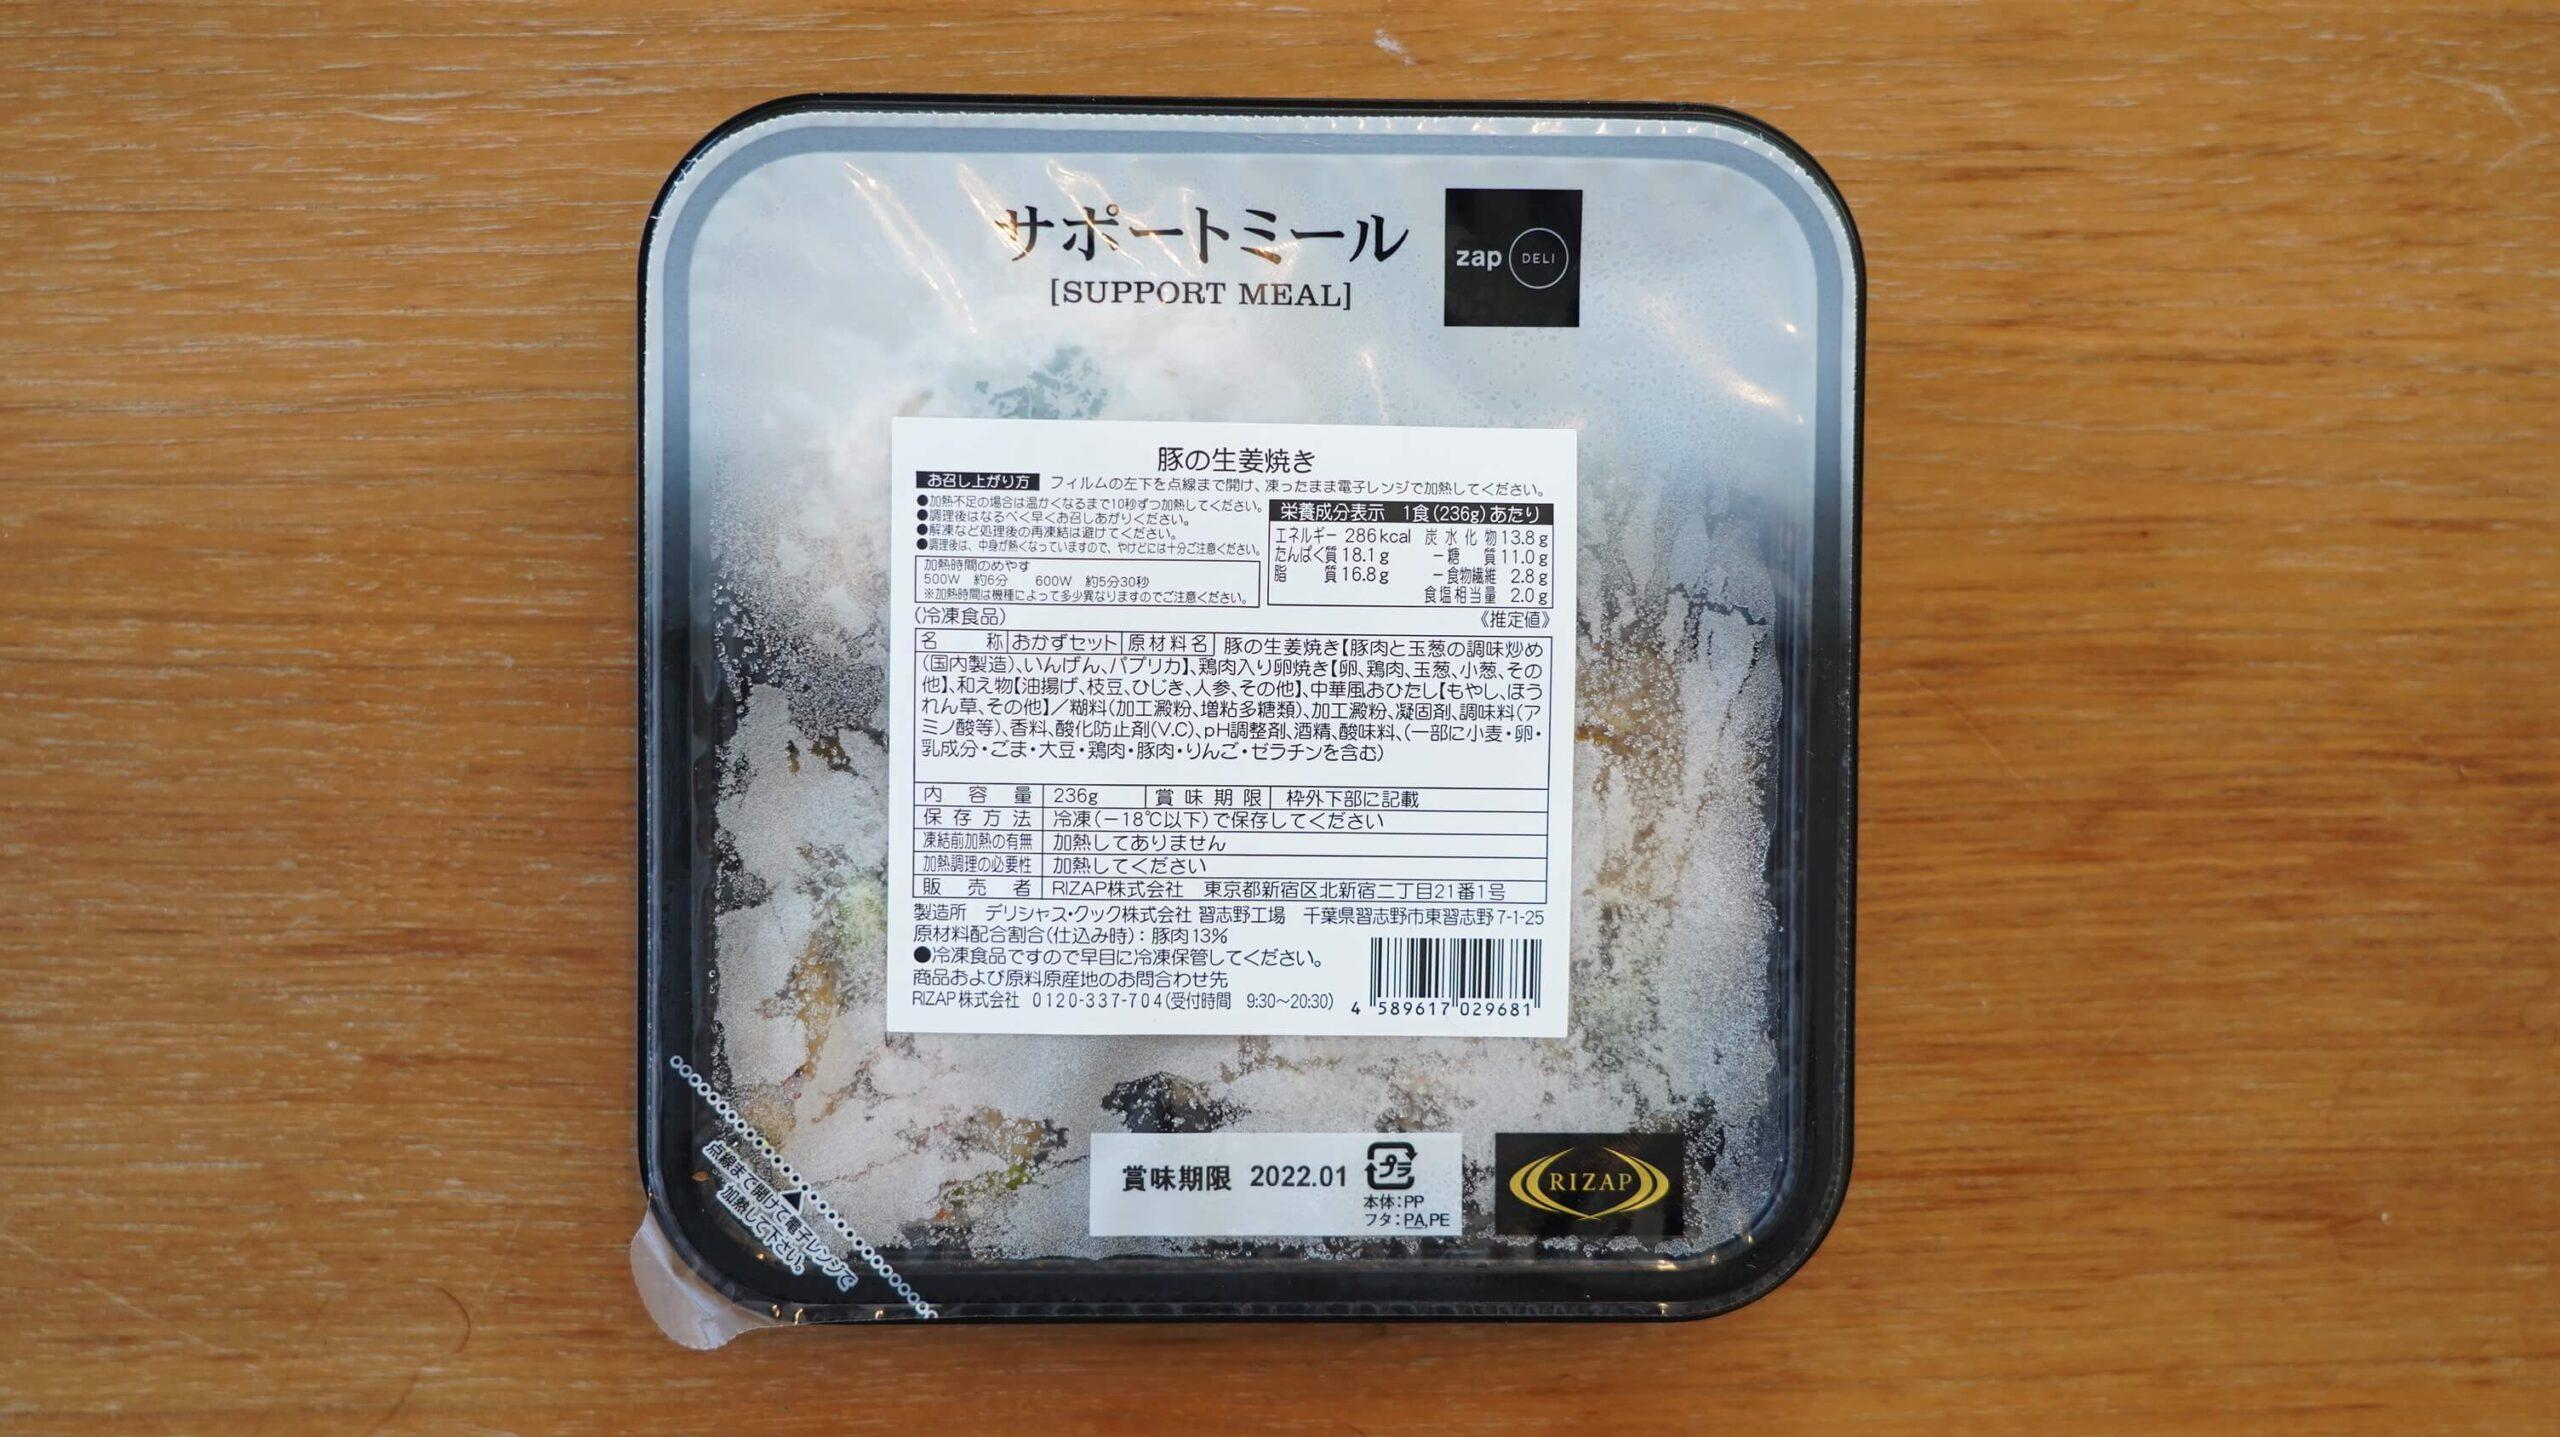 ライザップのサポートミール「豚の生姜焼き」のパッケージ写真